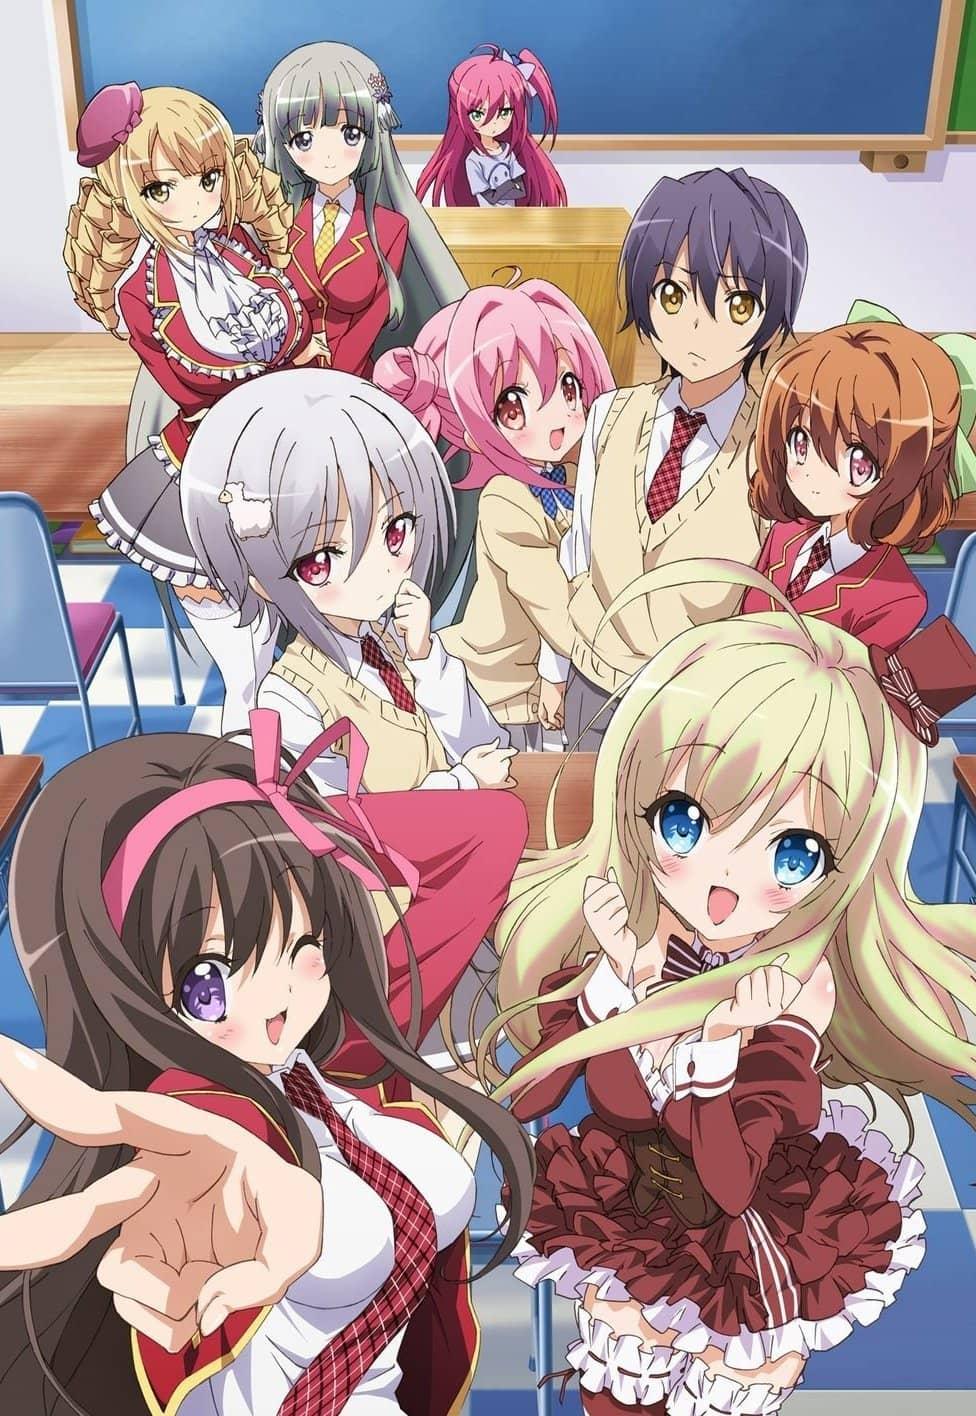 >NouCome ปรนัยบังคับเลือก ตอนที่ 1-10 OVA ซับไทย